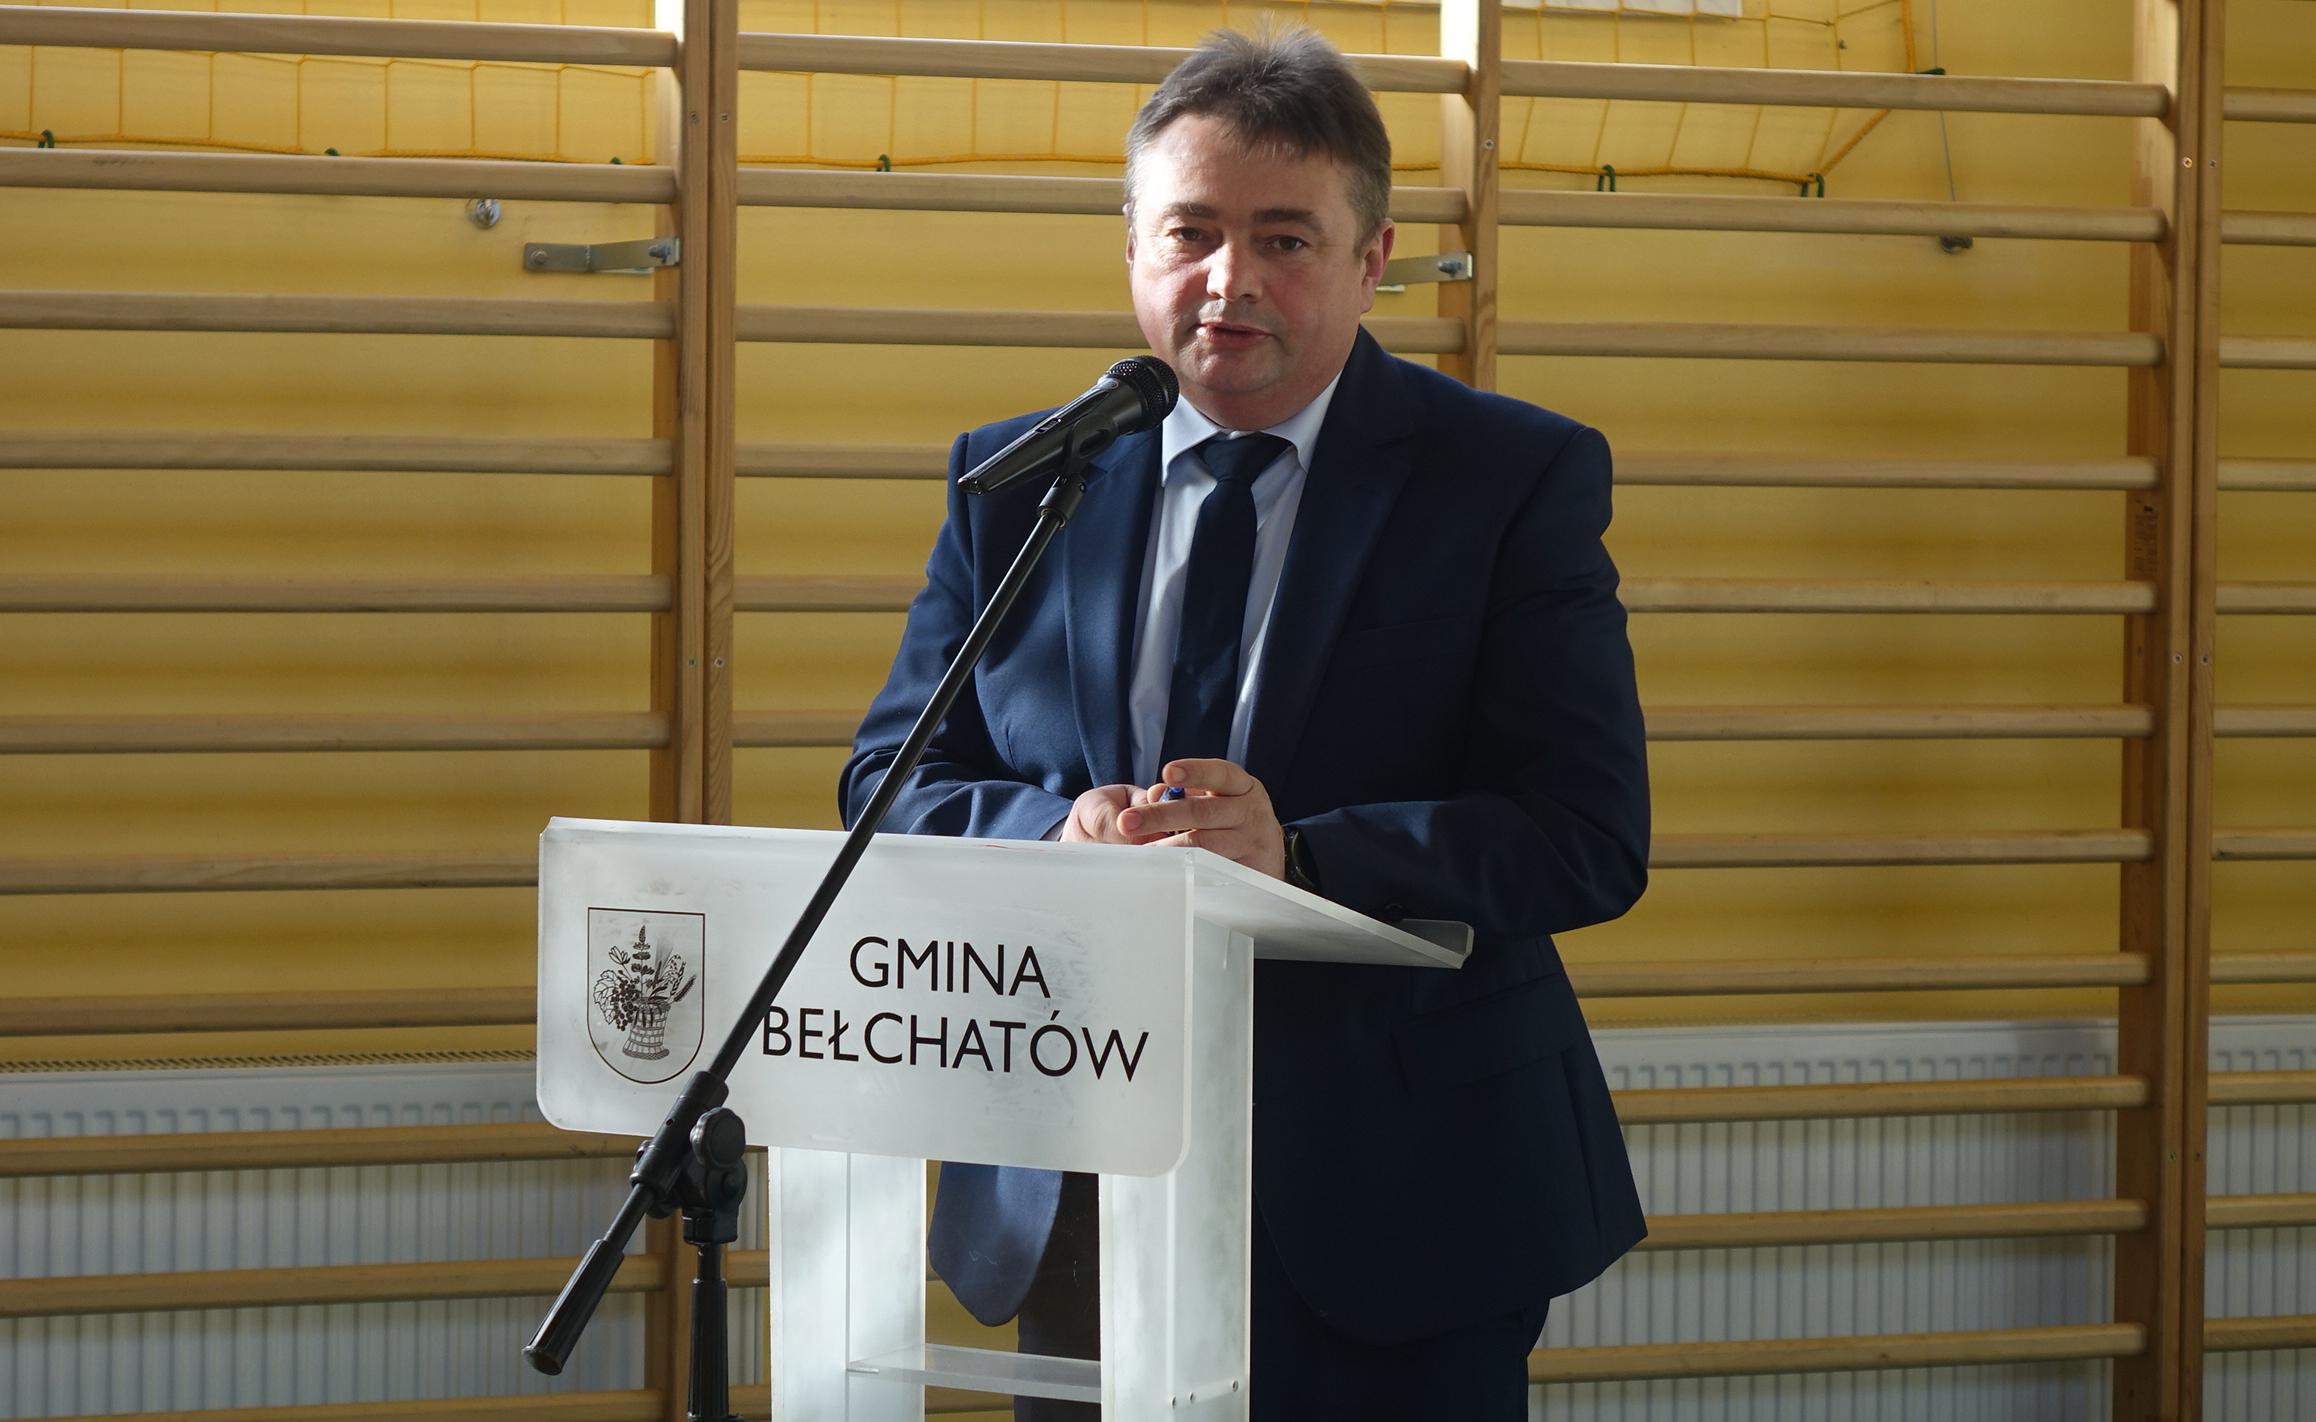 Ilustracja do informacji: Nowy Wiceprzewodniczący Rady Gminy Bełchatów: